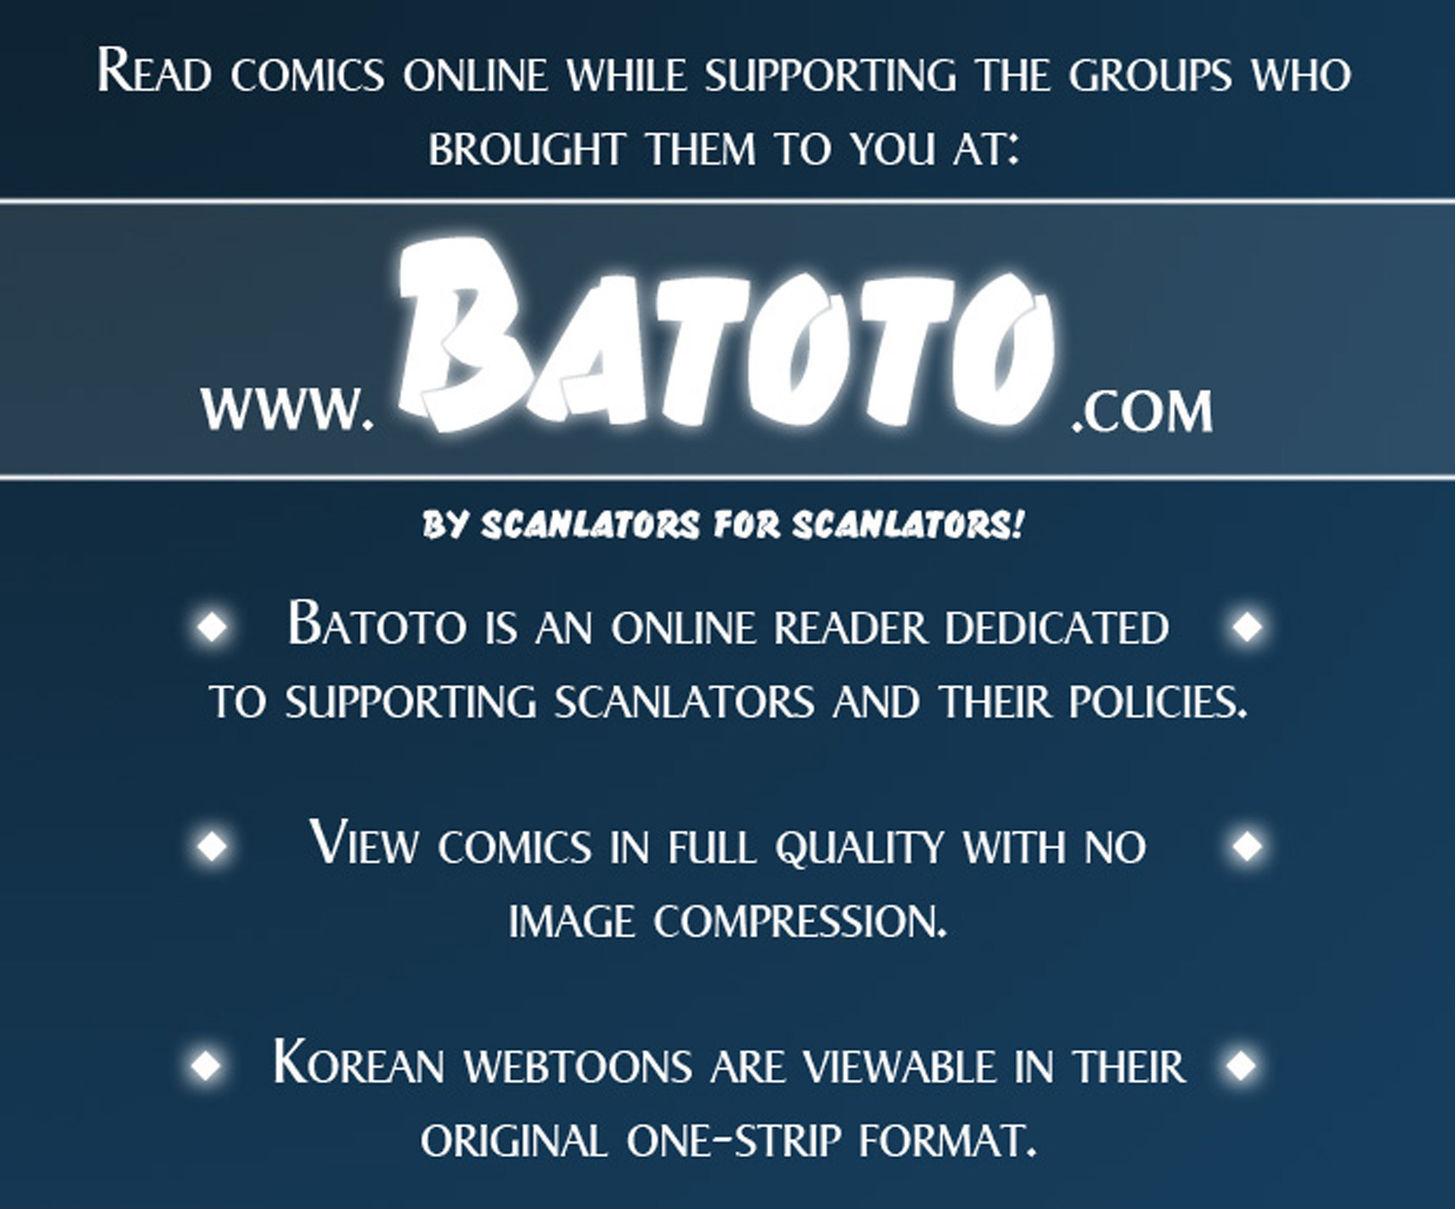 https://im.nineanime.com/comics/pic9/43/171/12908/Kingdom1630626.jpg Page 1